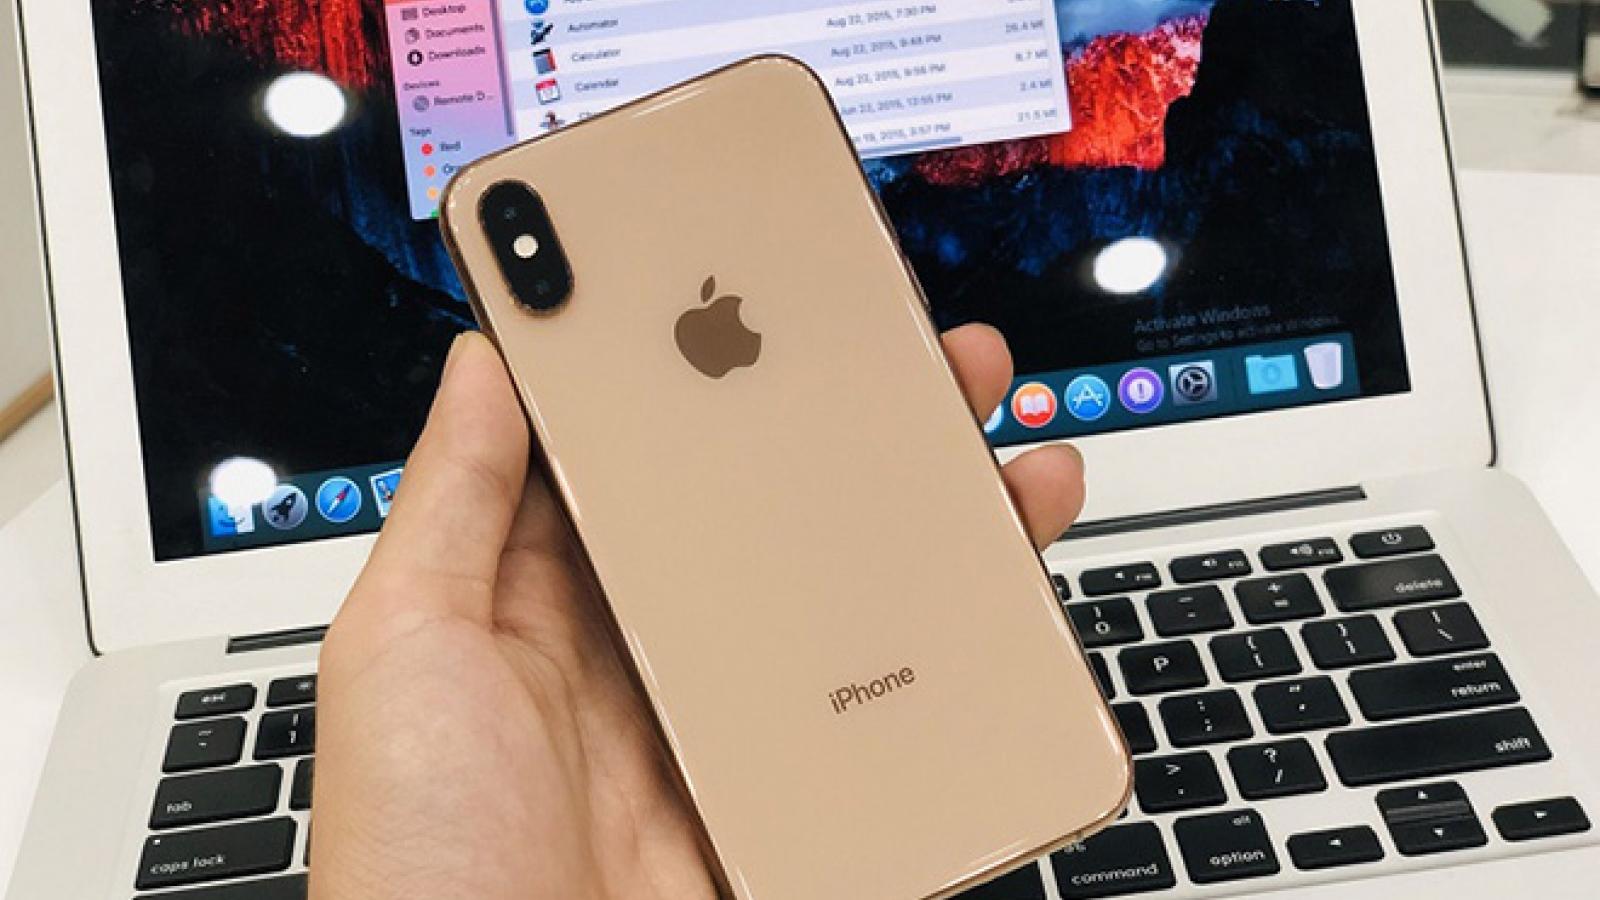 """Cảnh giác trước làn sóng iPhone """"pin ảo"""" 100% đang được rao bán"""